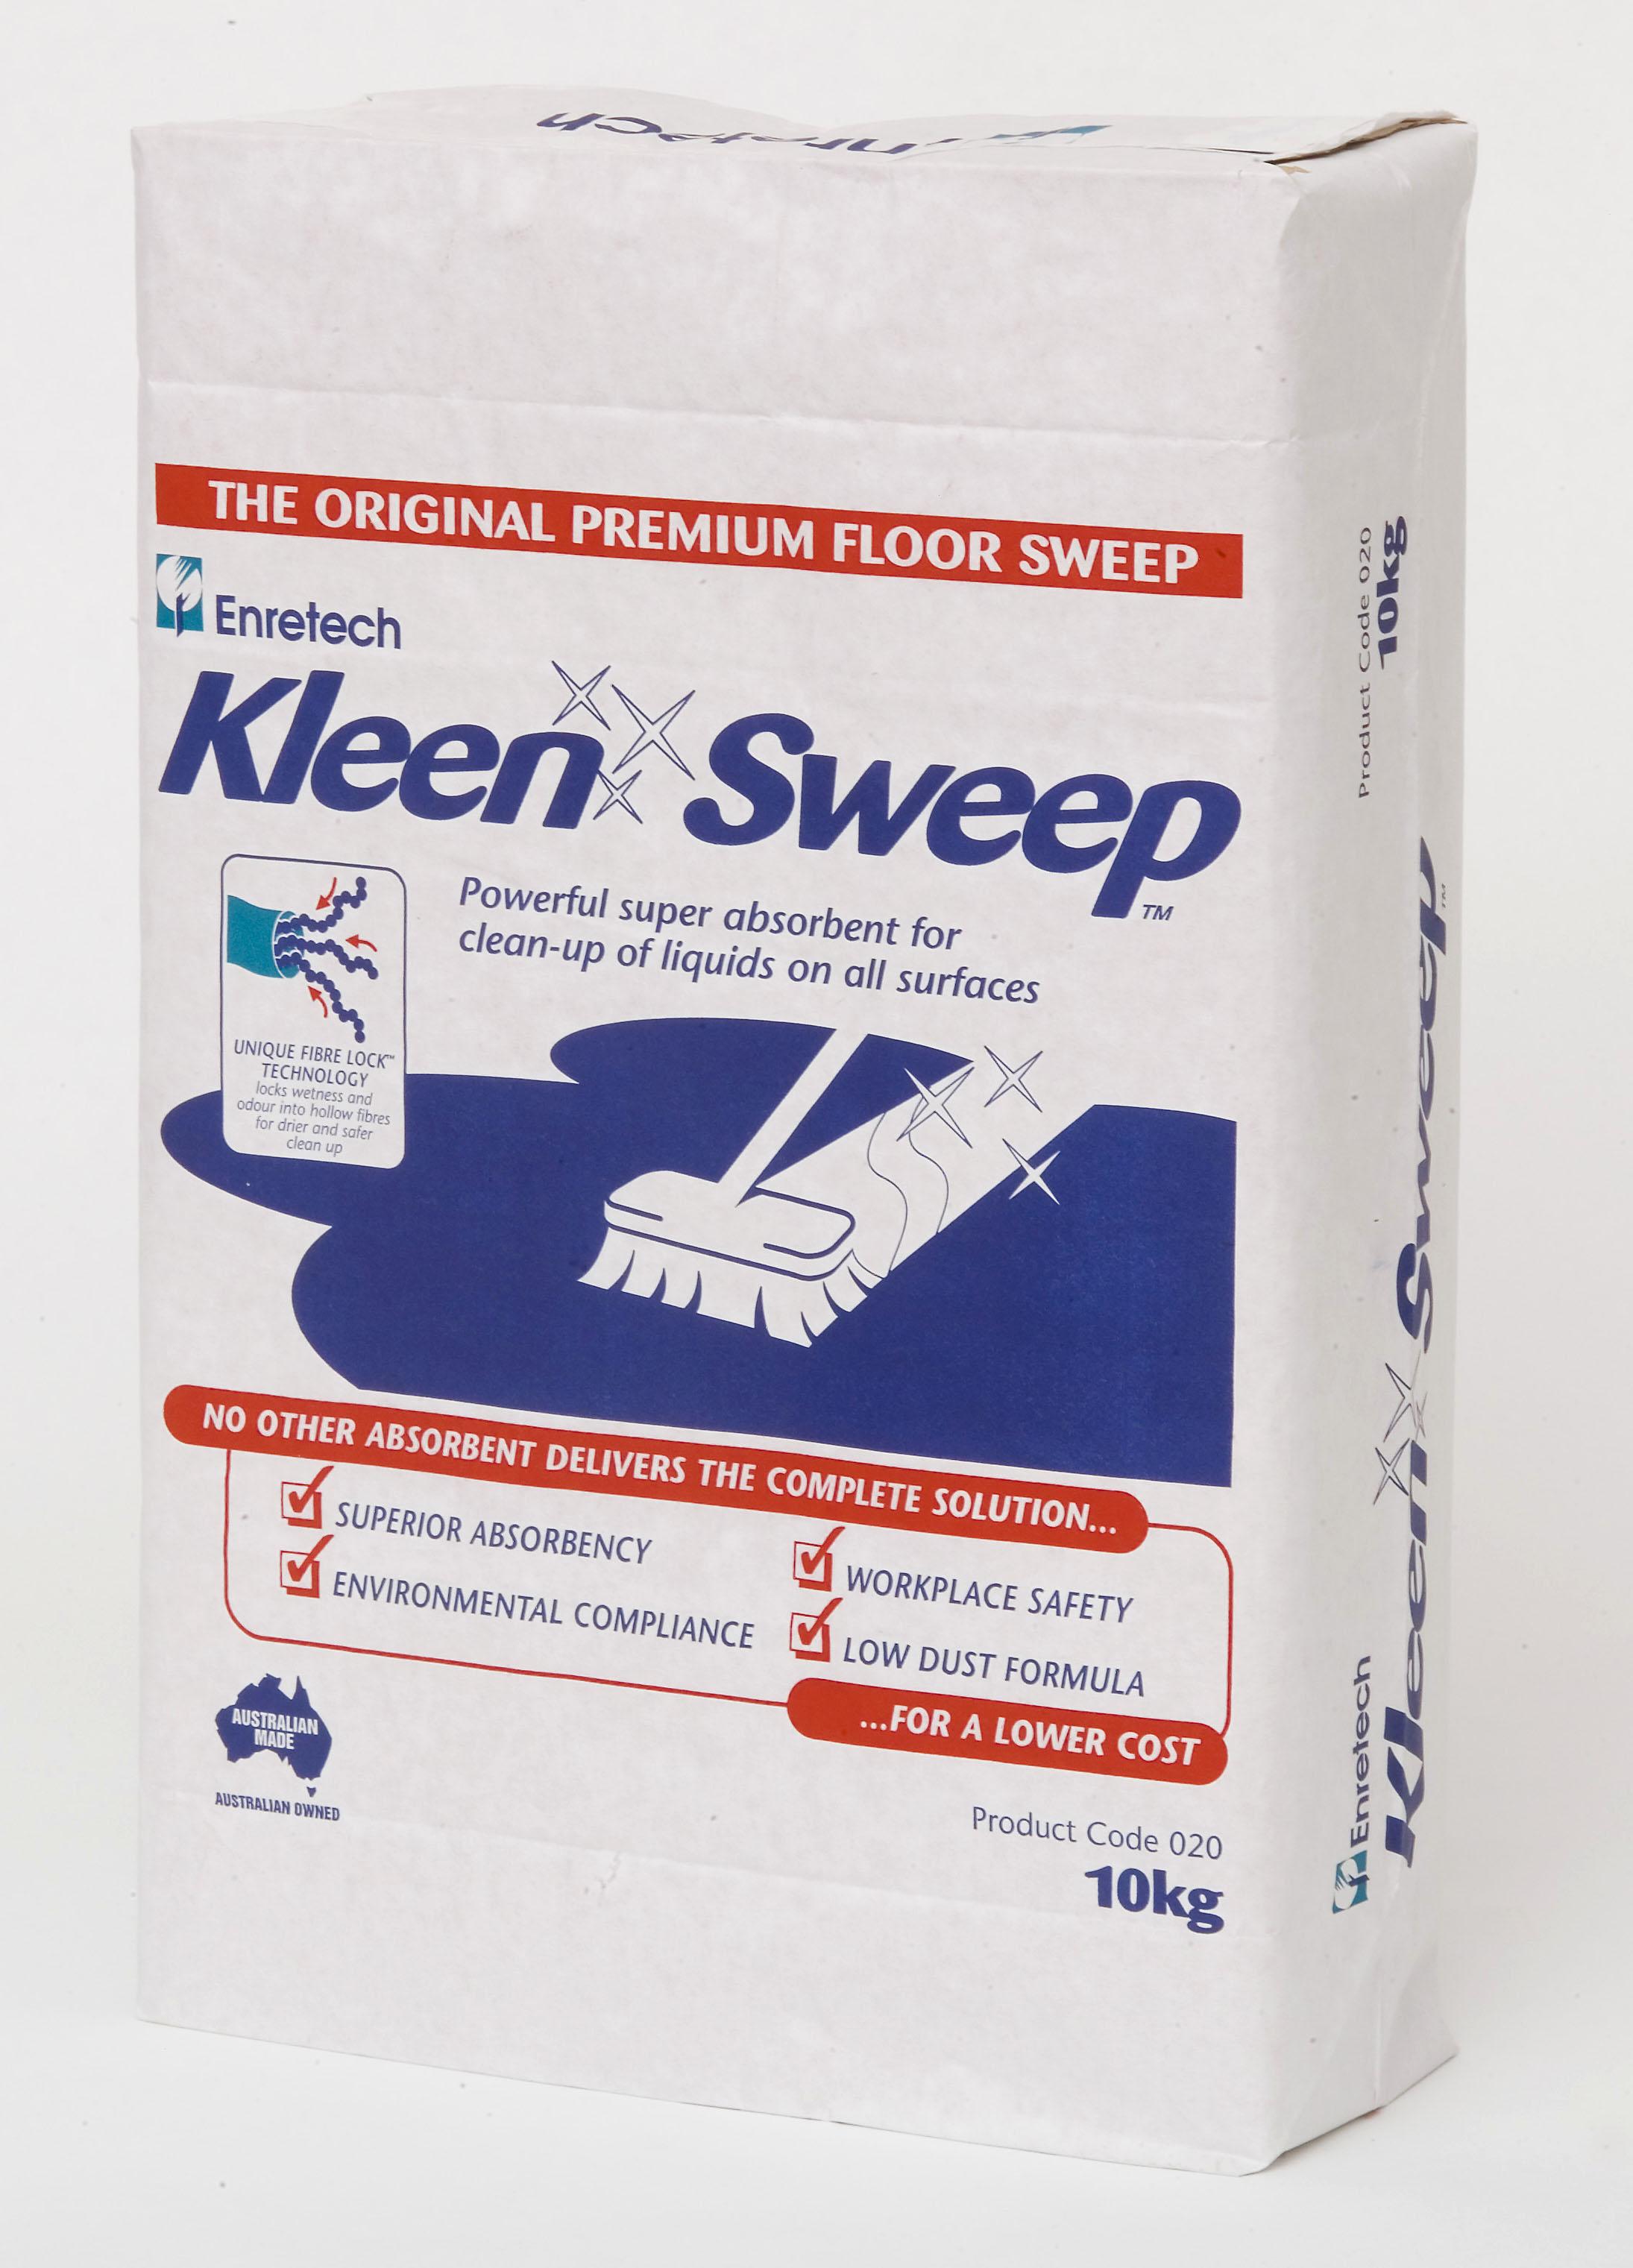 CHẤT THẤM DẦU TRÊN NỀN SÀN (Kleen Sweep)